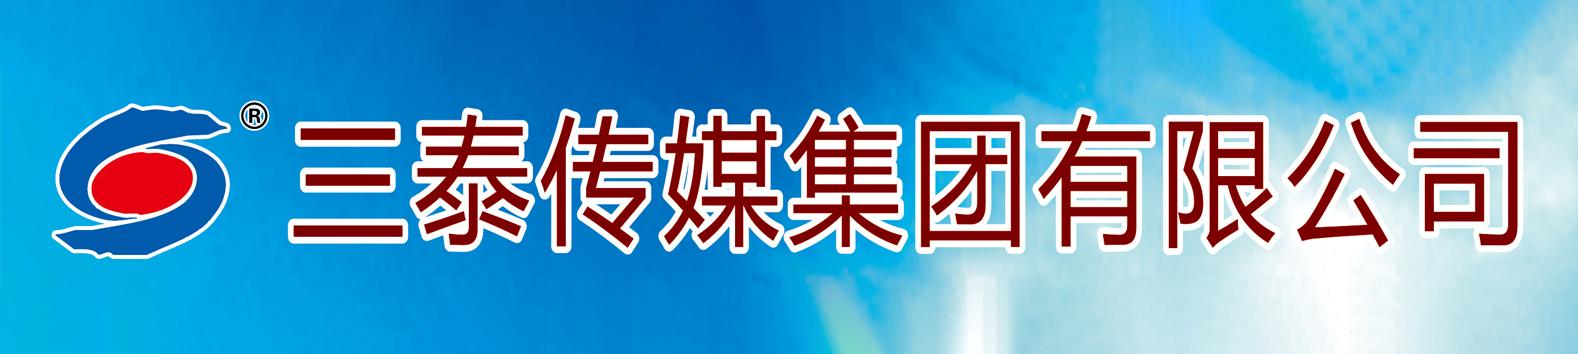 重庆三泰传媒集团有限公司(斯米克磁砖万州旗舰店)